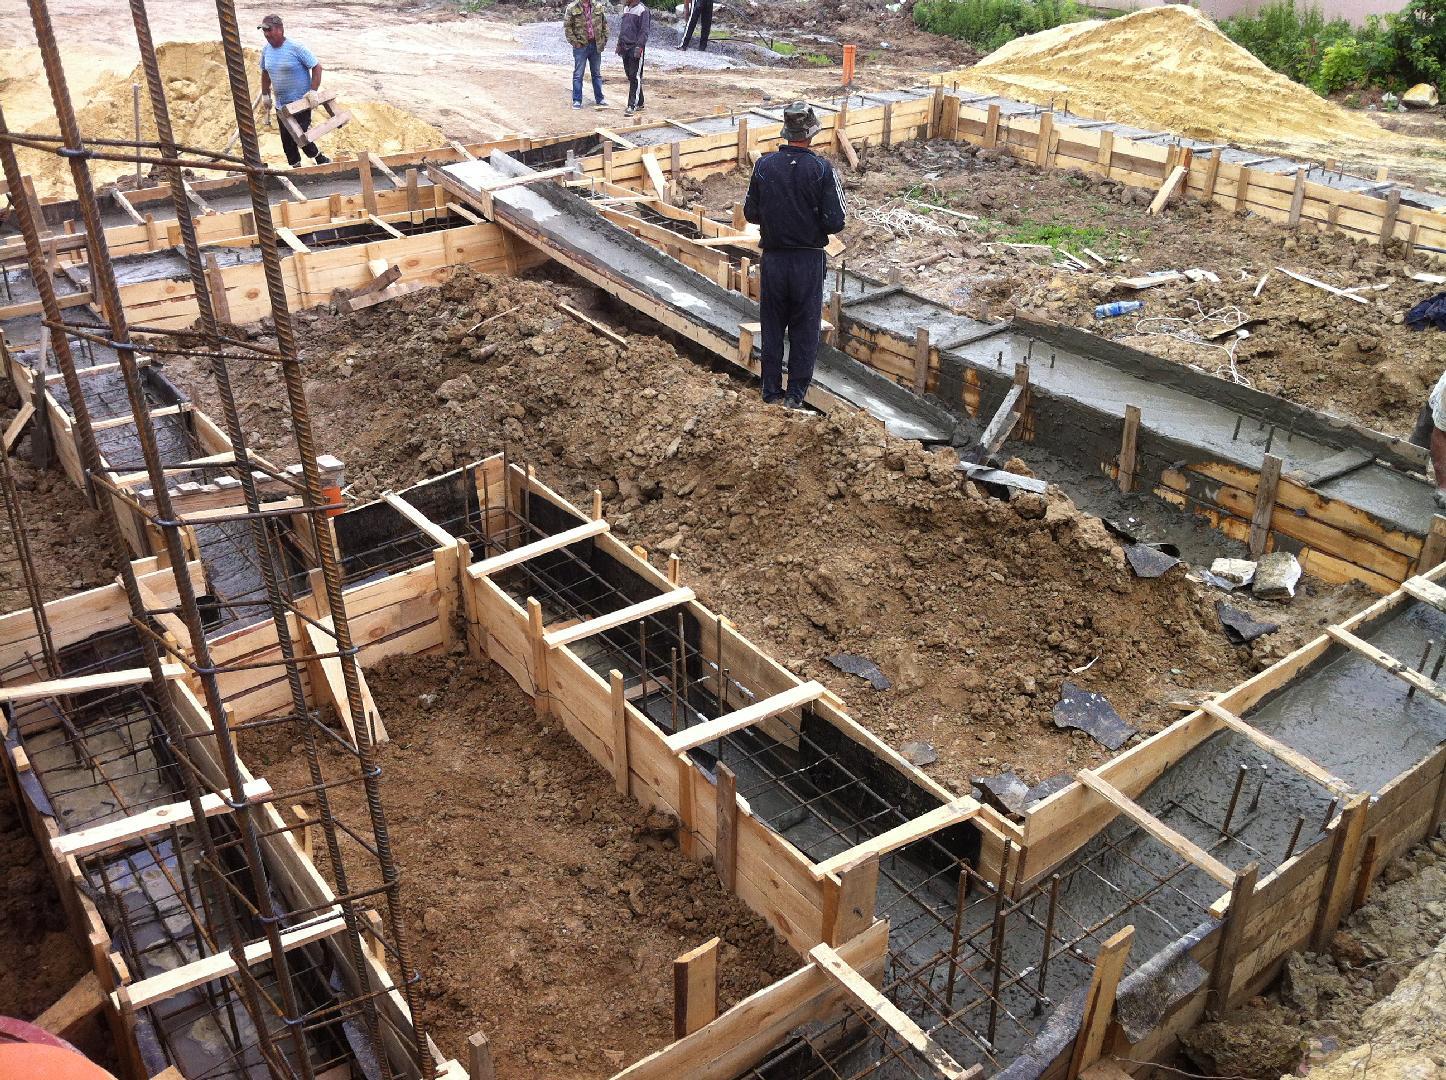 Как правильно залить фундамент под дом: технология, этапы работ, фото и видео